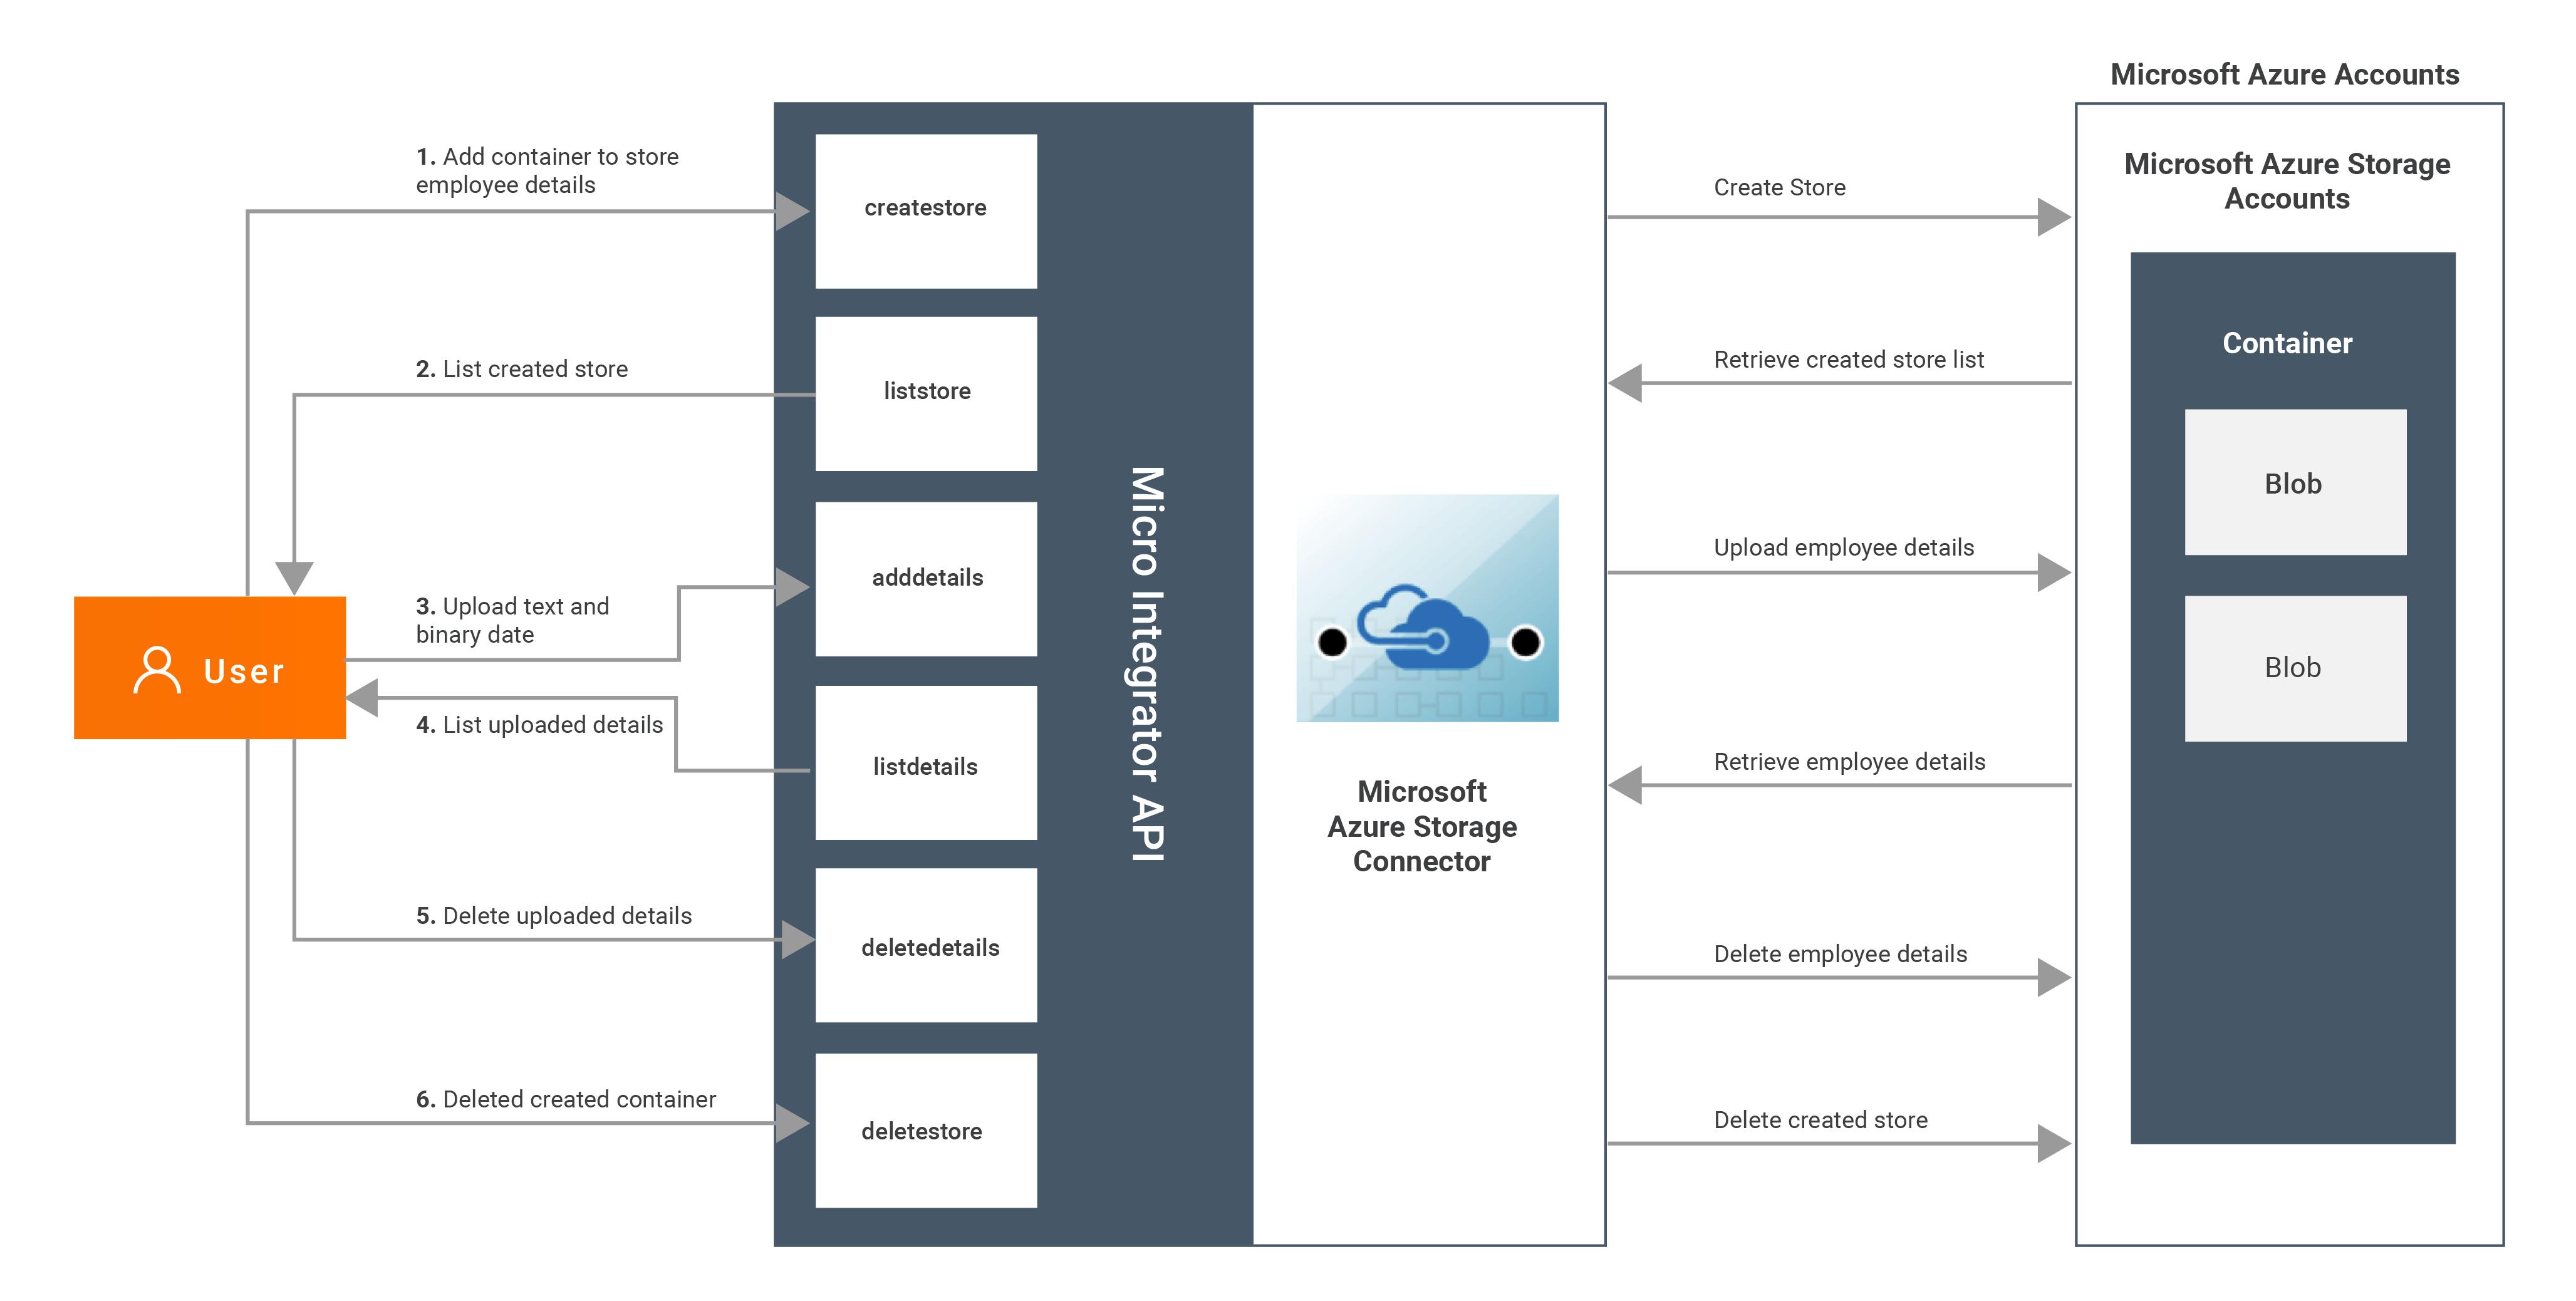 Microsoft Azure Storage Connector